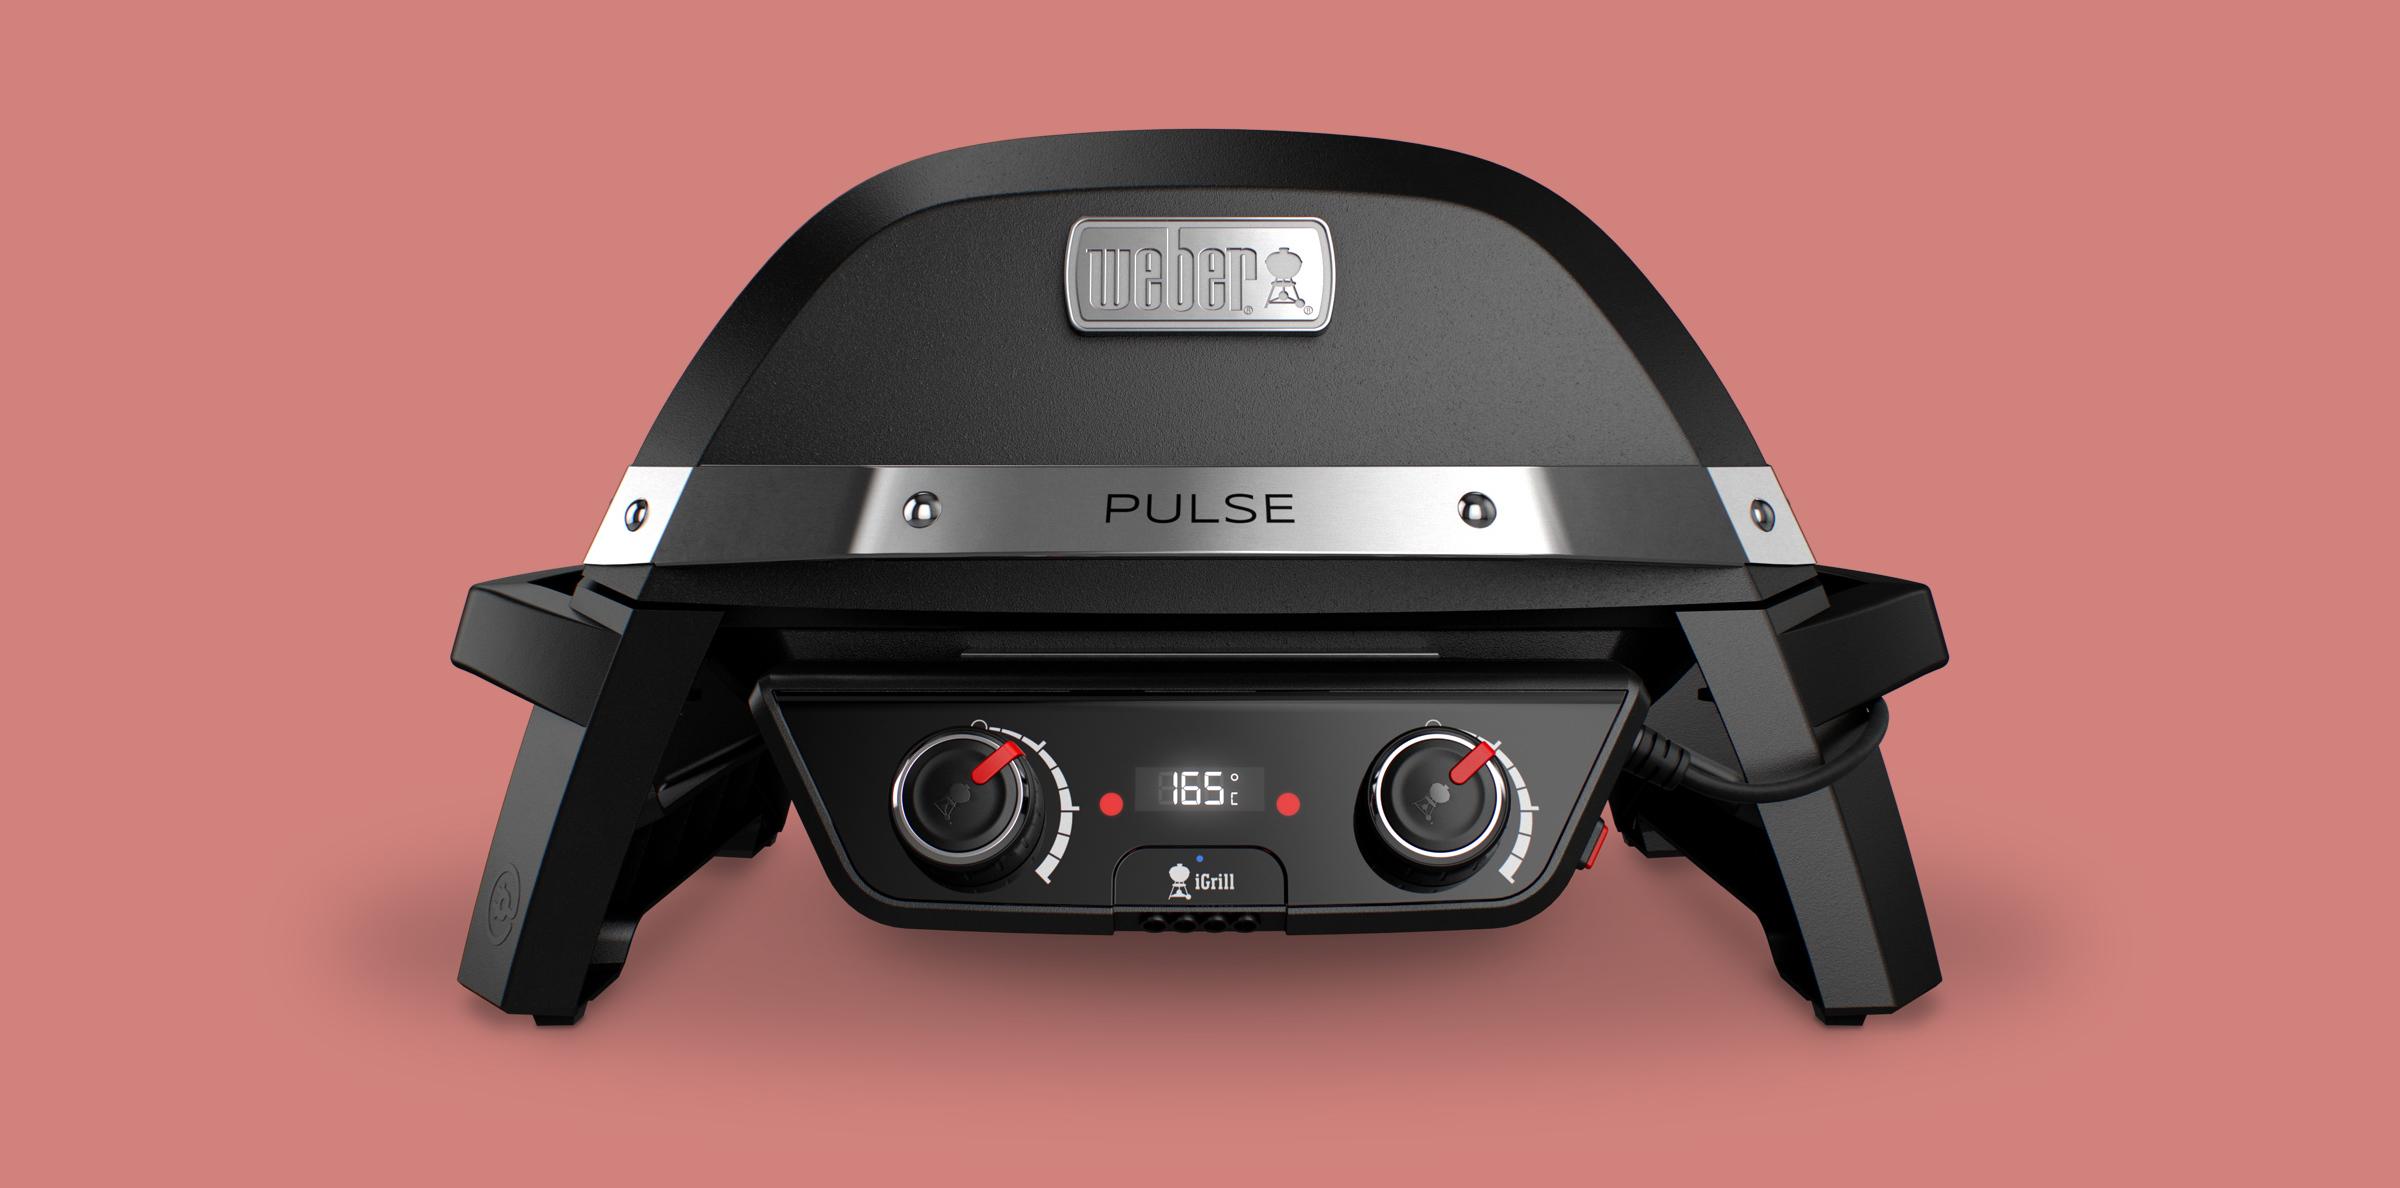 La révolution du barbecue électrique